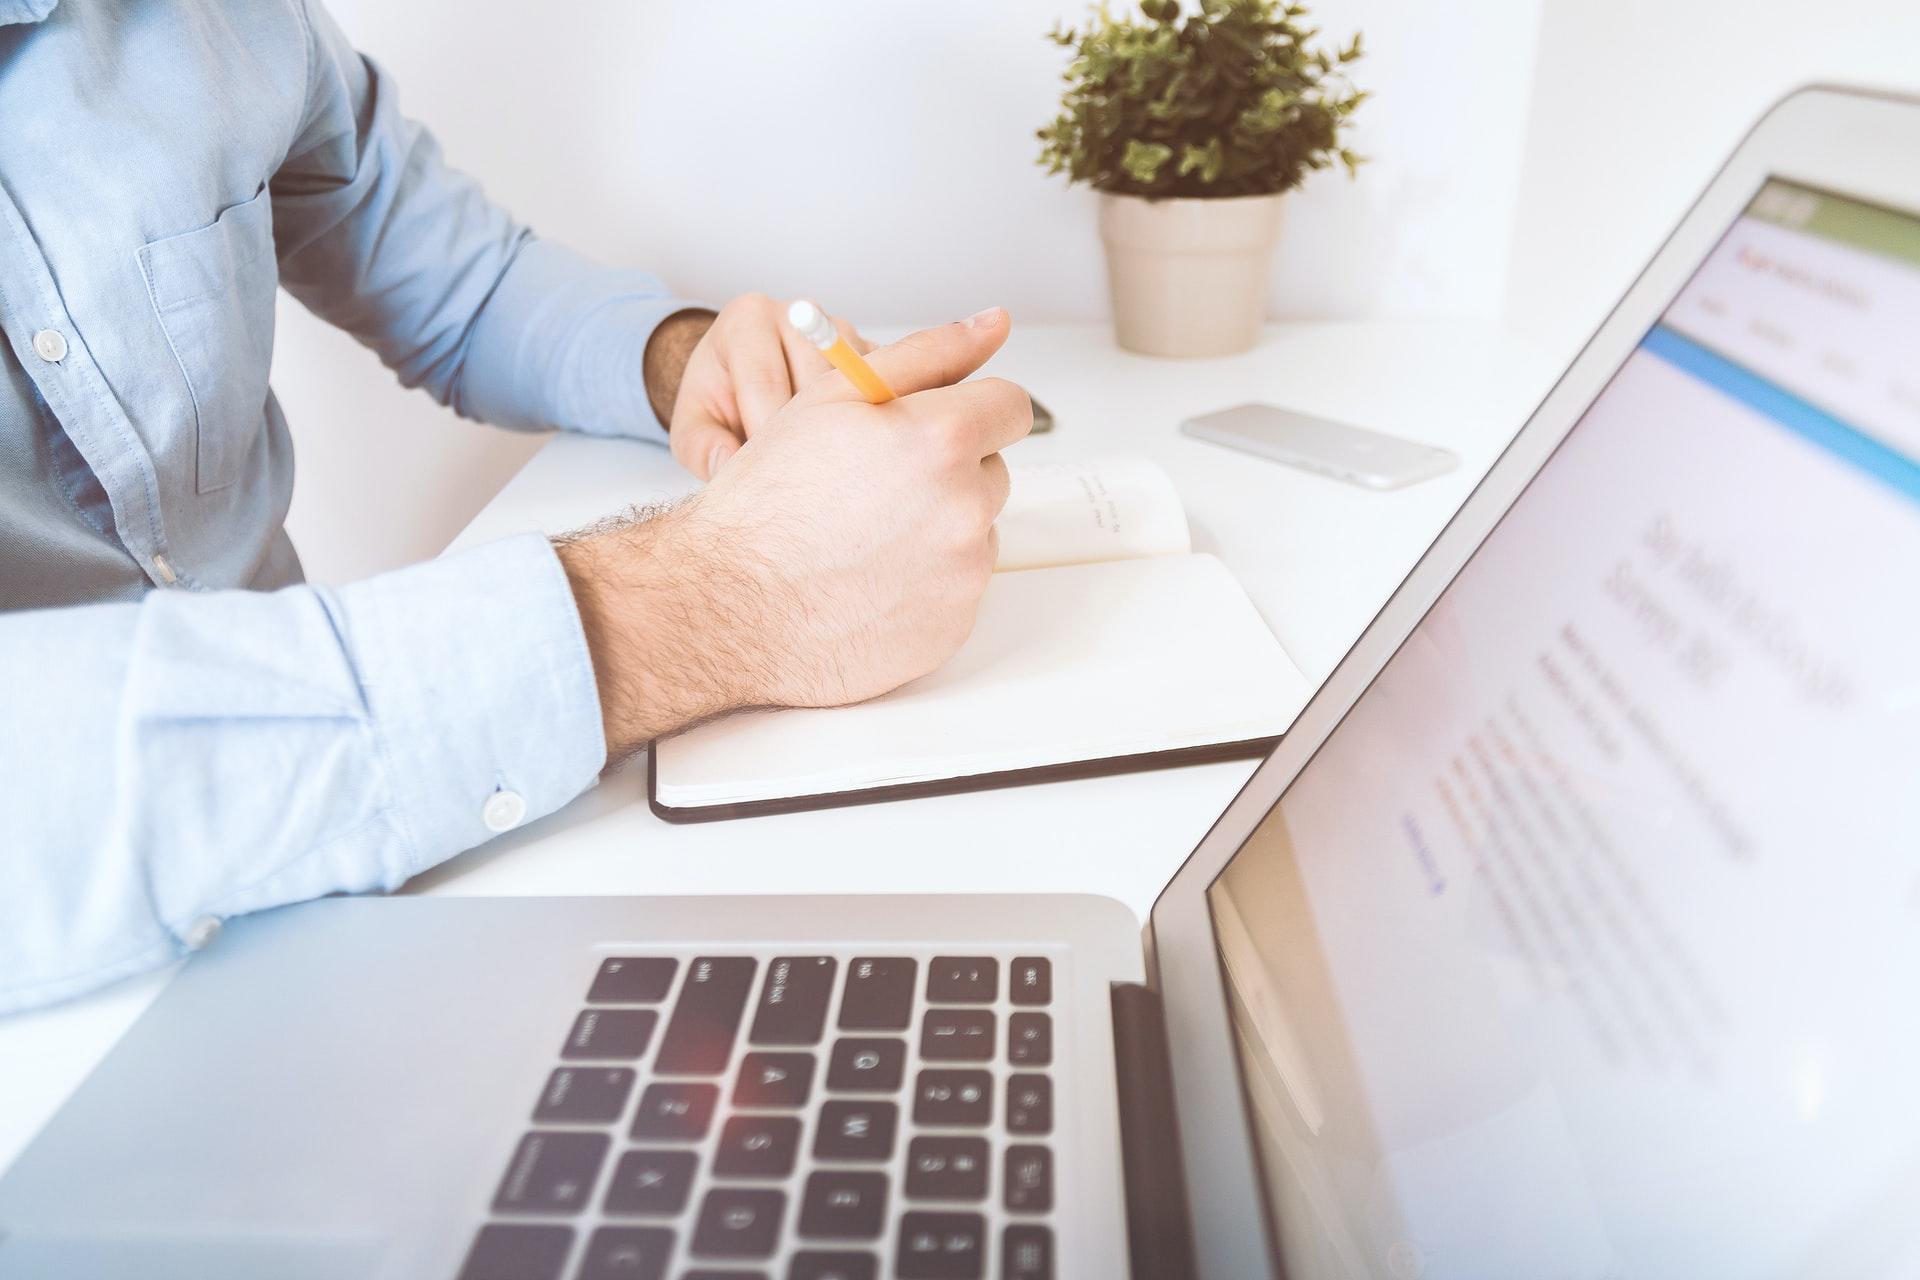 パソコンを前にオンラインで勉強する姿